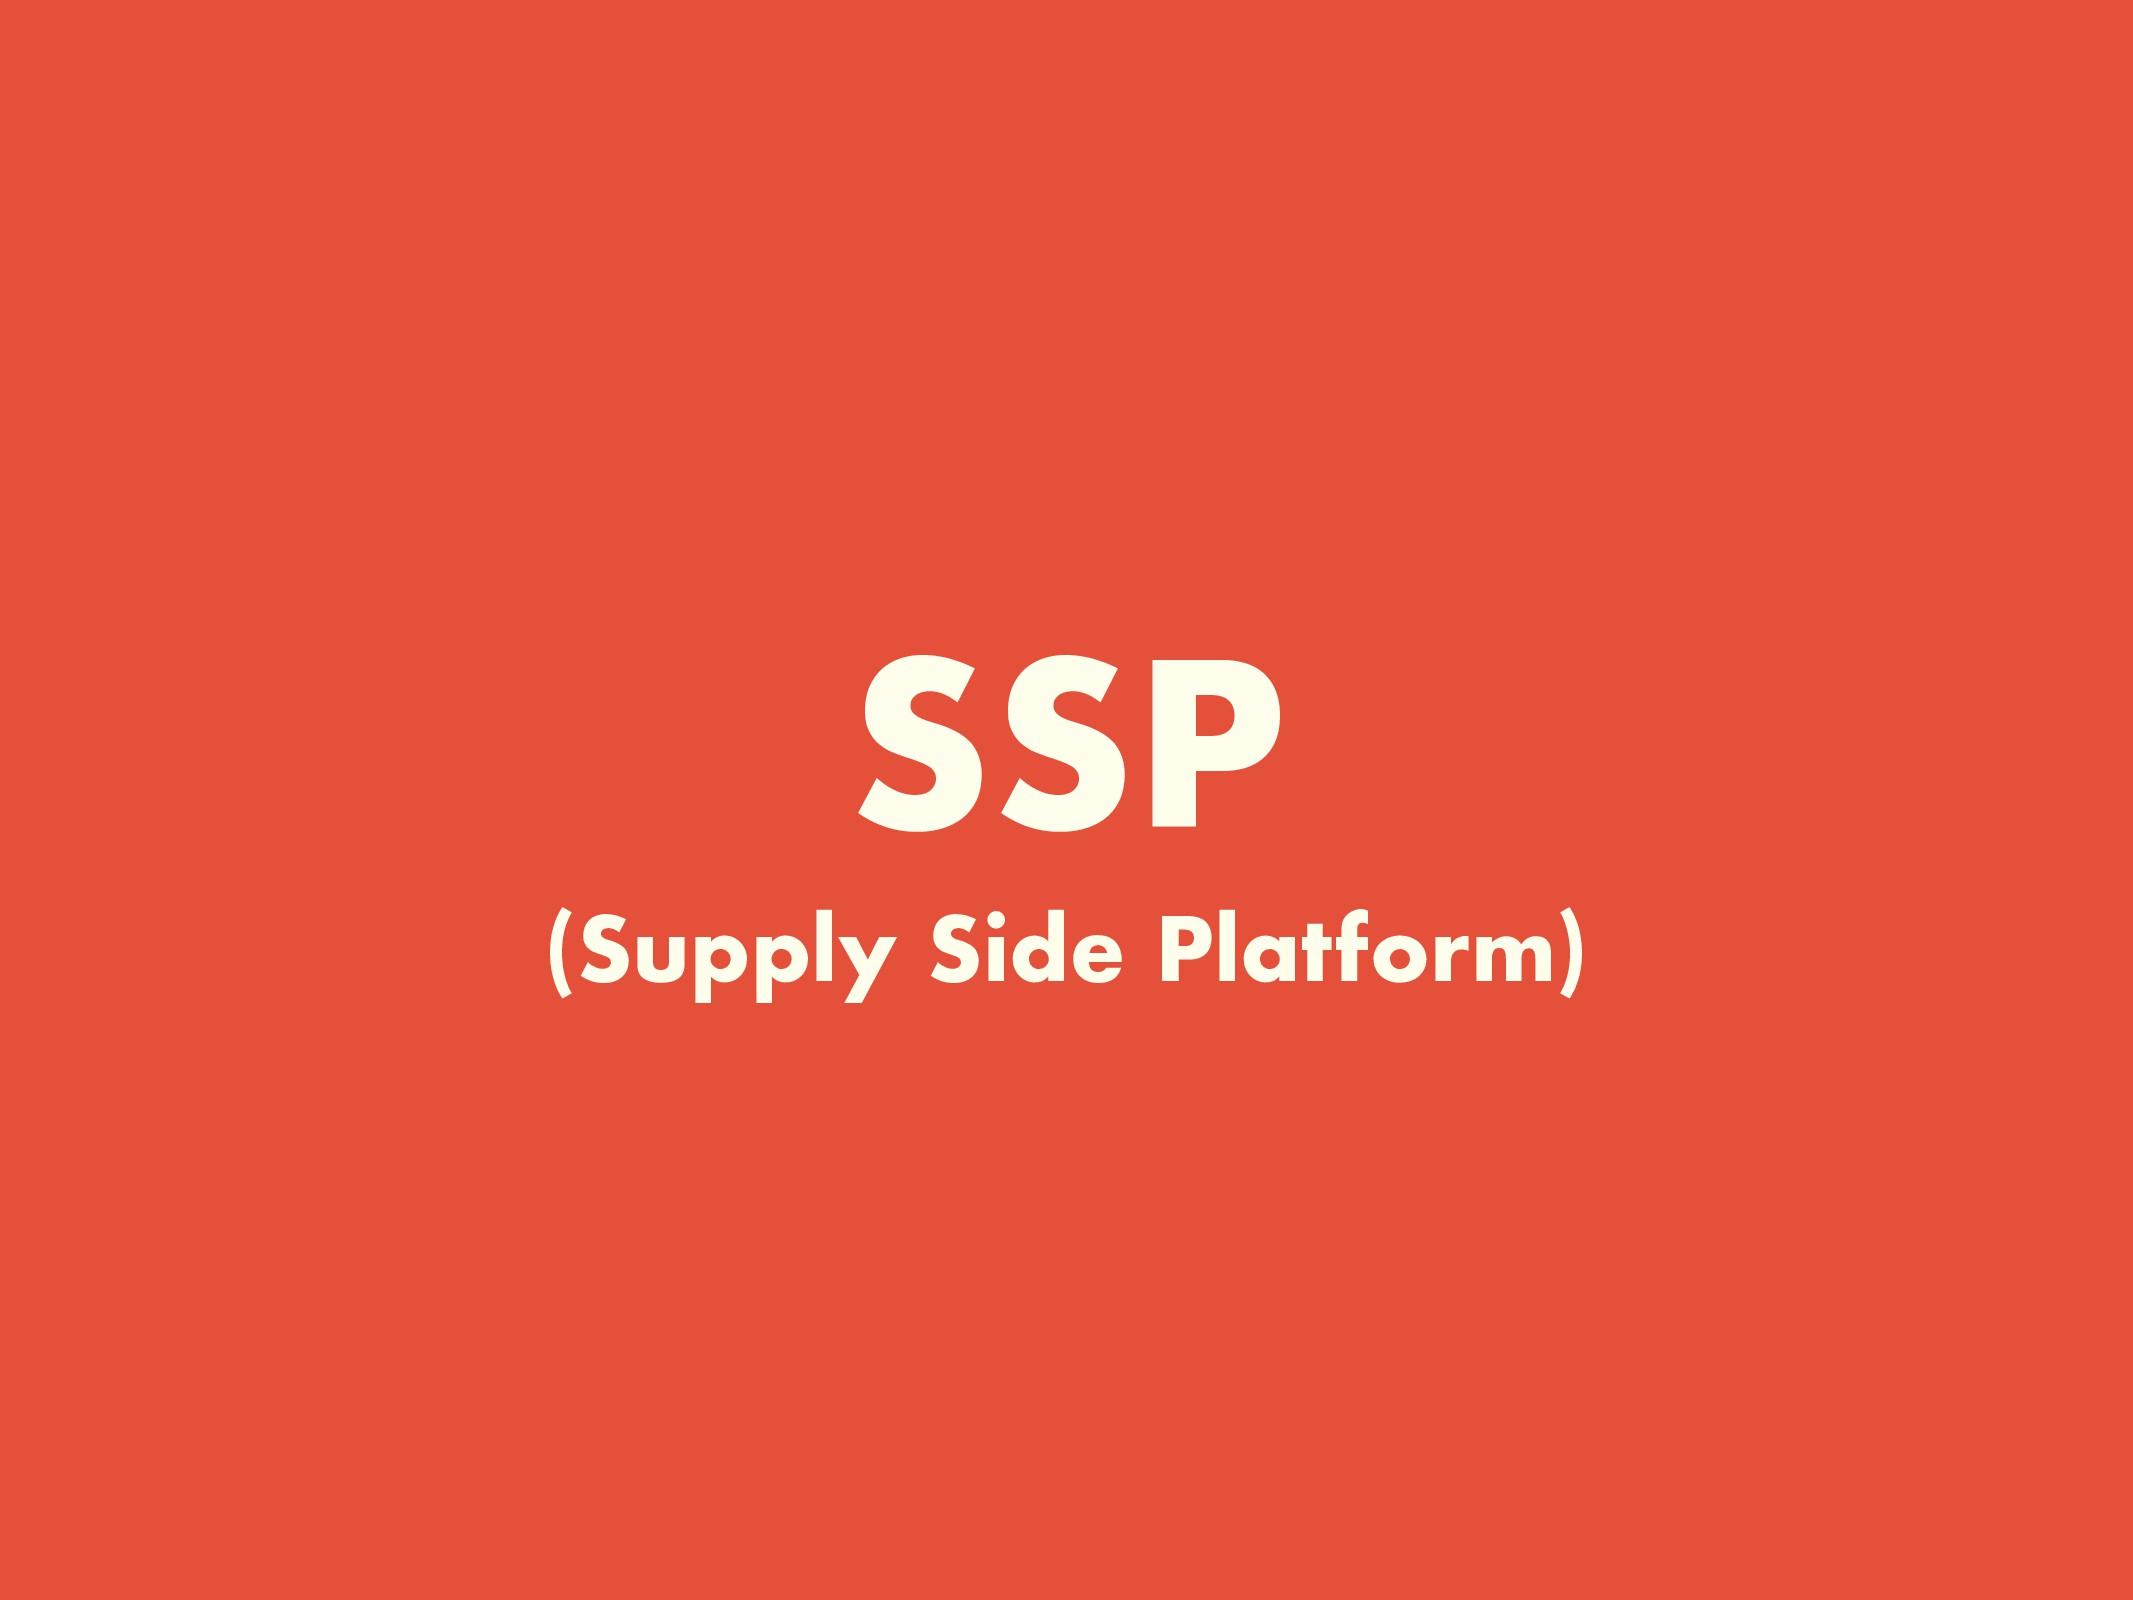 SSP (Supply Side Platform)